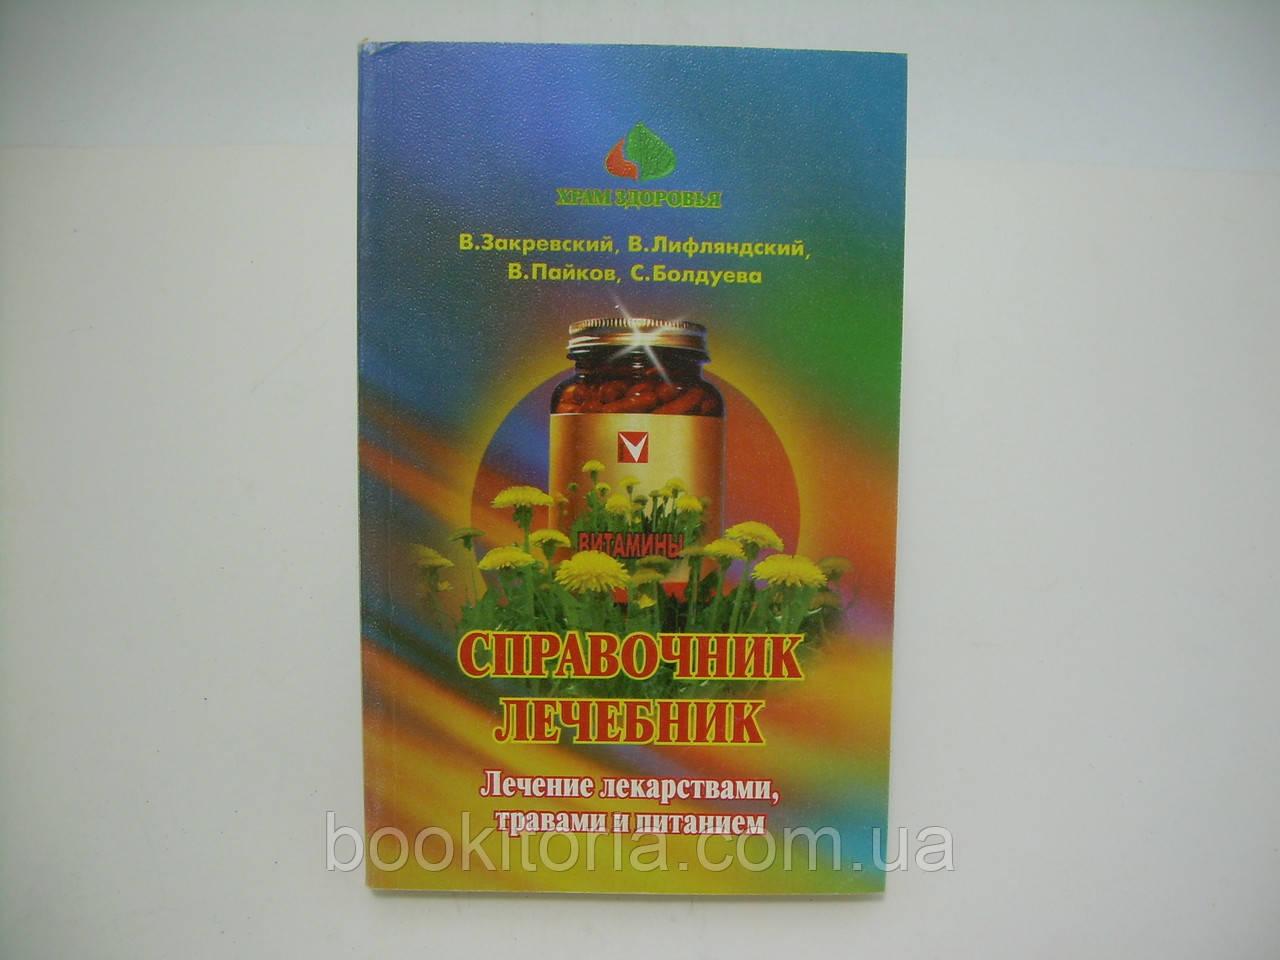 Закревский В.В. и др. Справочник-лечебник (б/у).